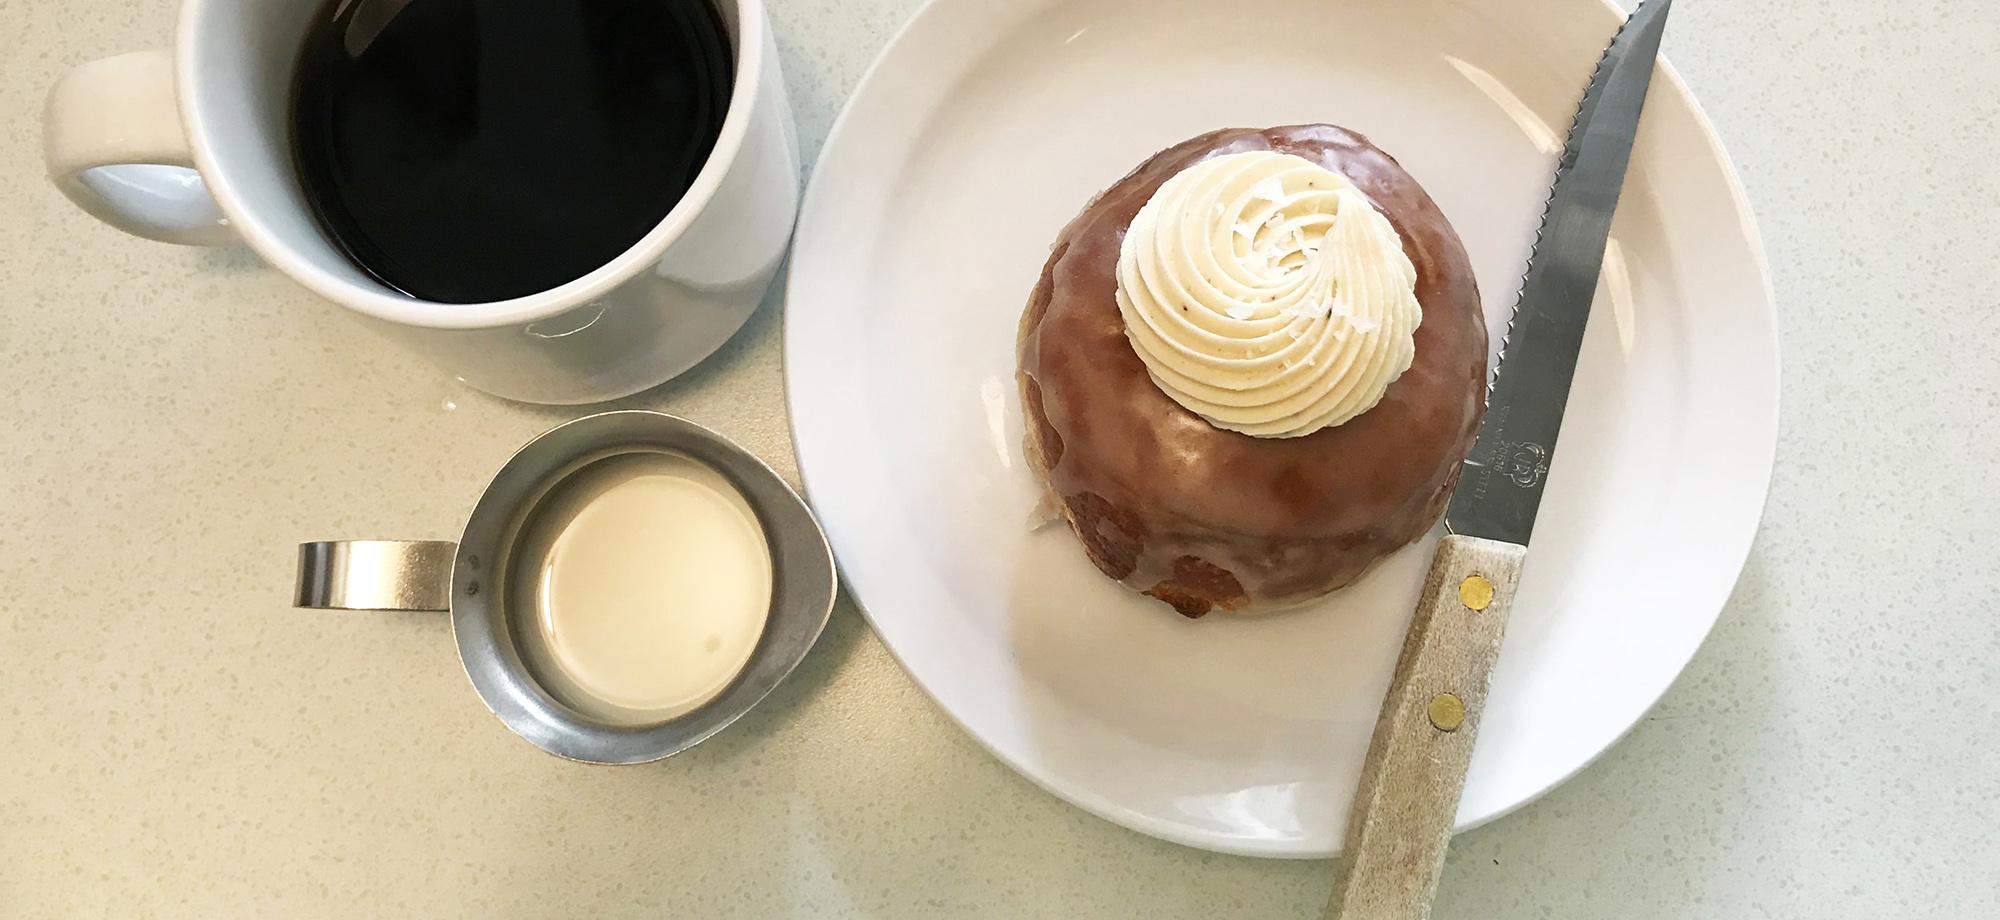 White Lily Diner - Fresh Doughnut